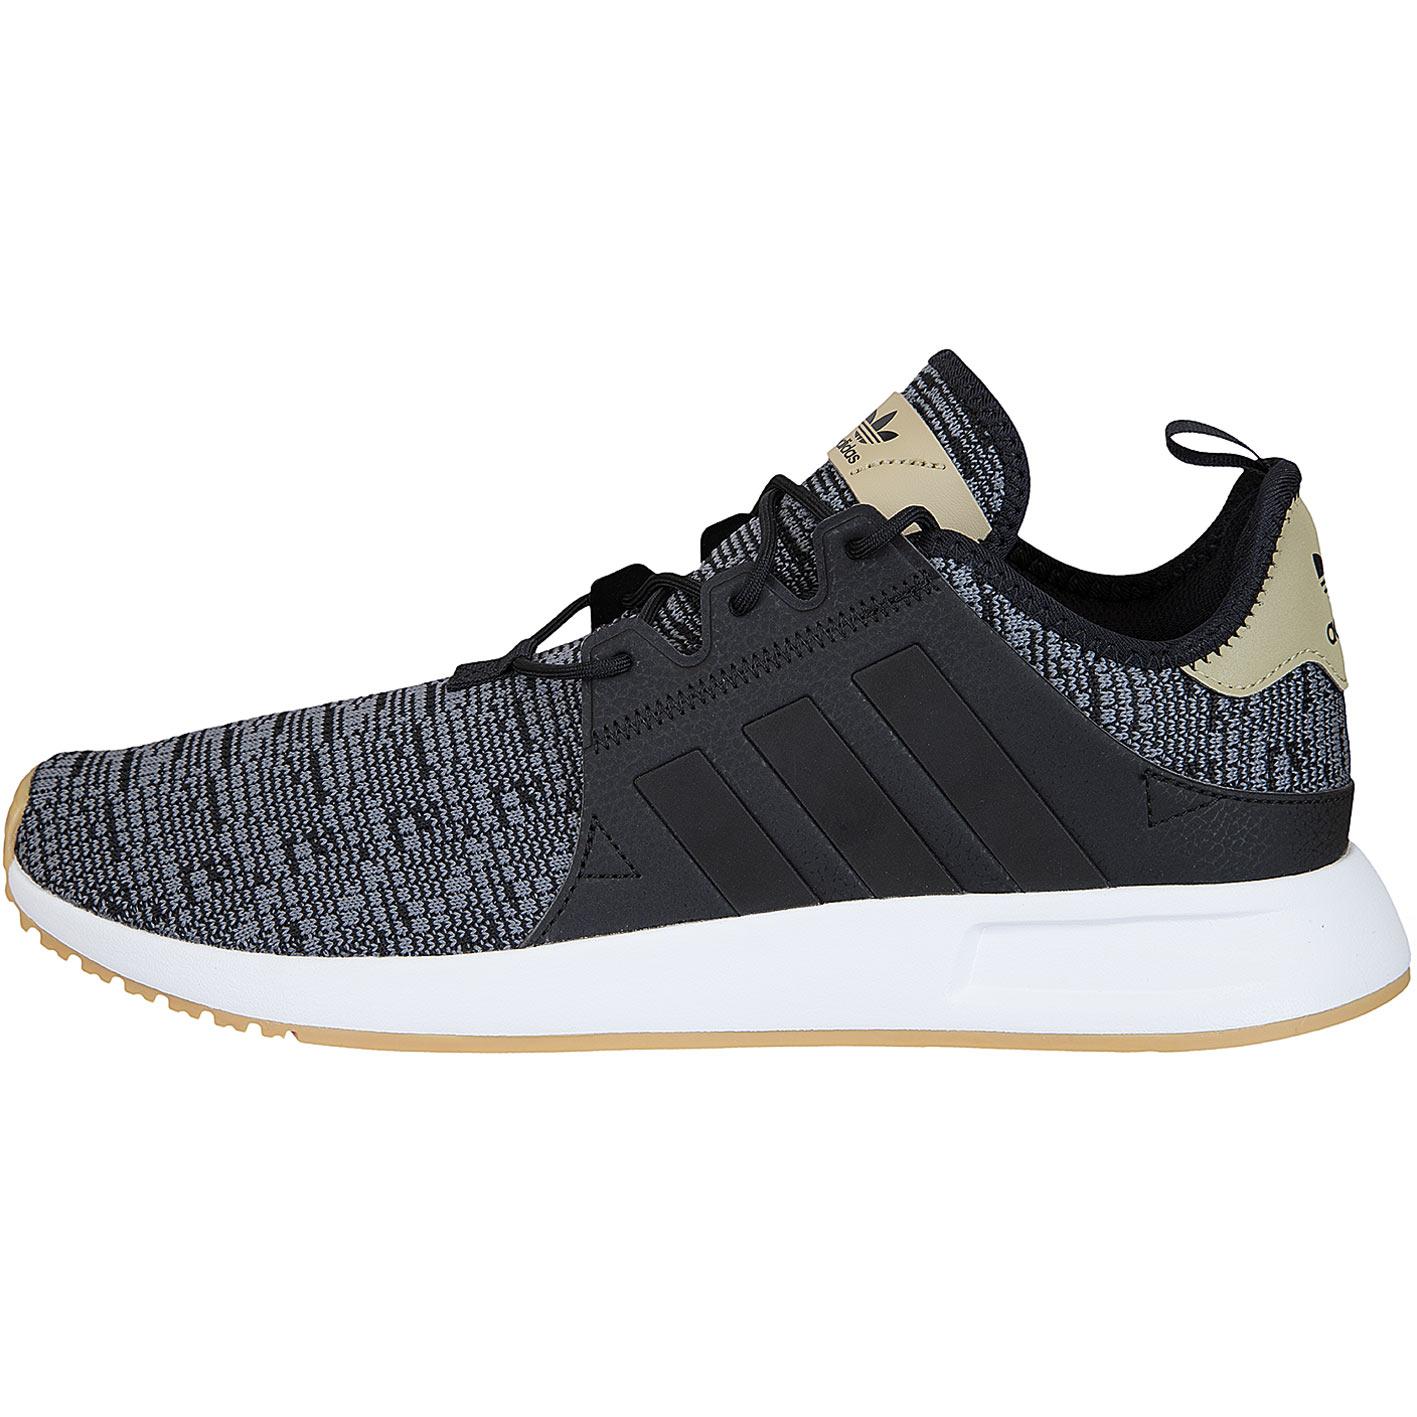 8940a2ba2da6ab ☆ Adidas Originals Sneaker X PLR schwarz grau - hier bestellen!